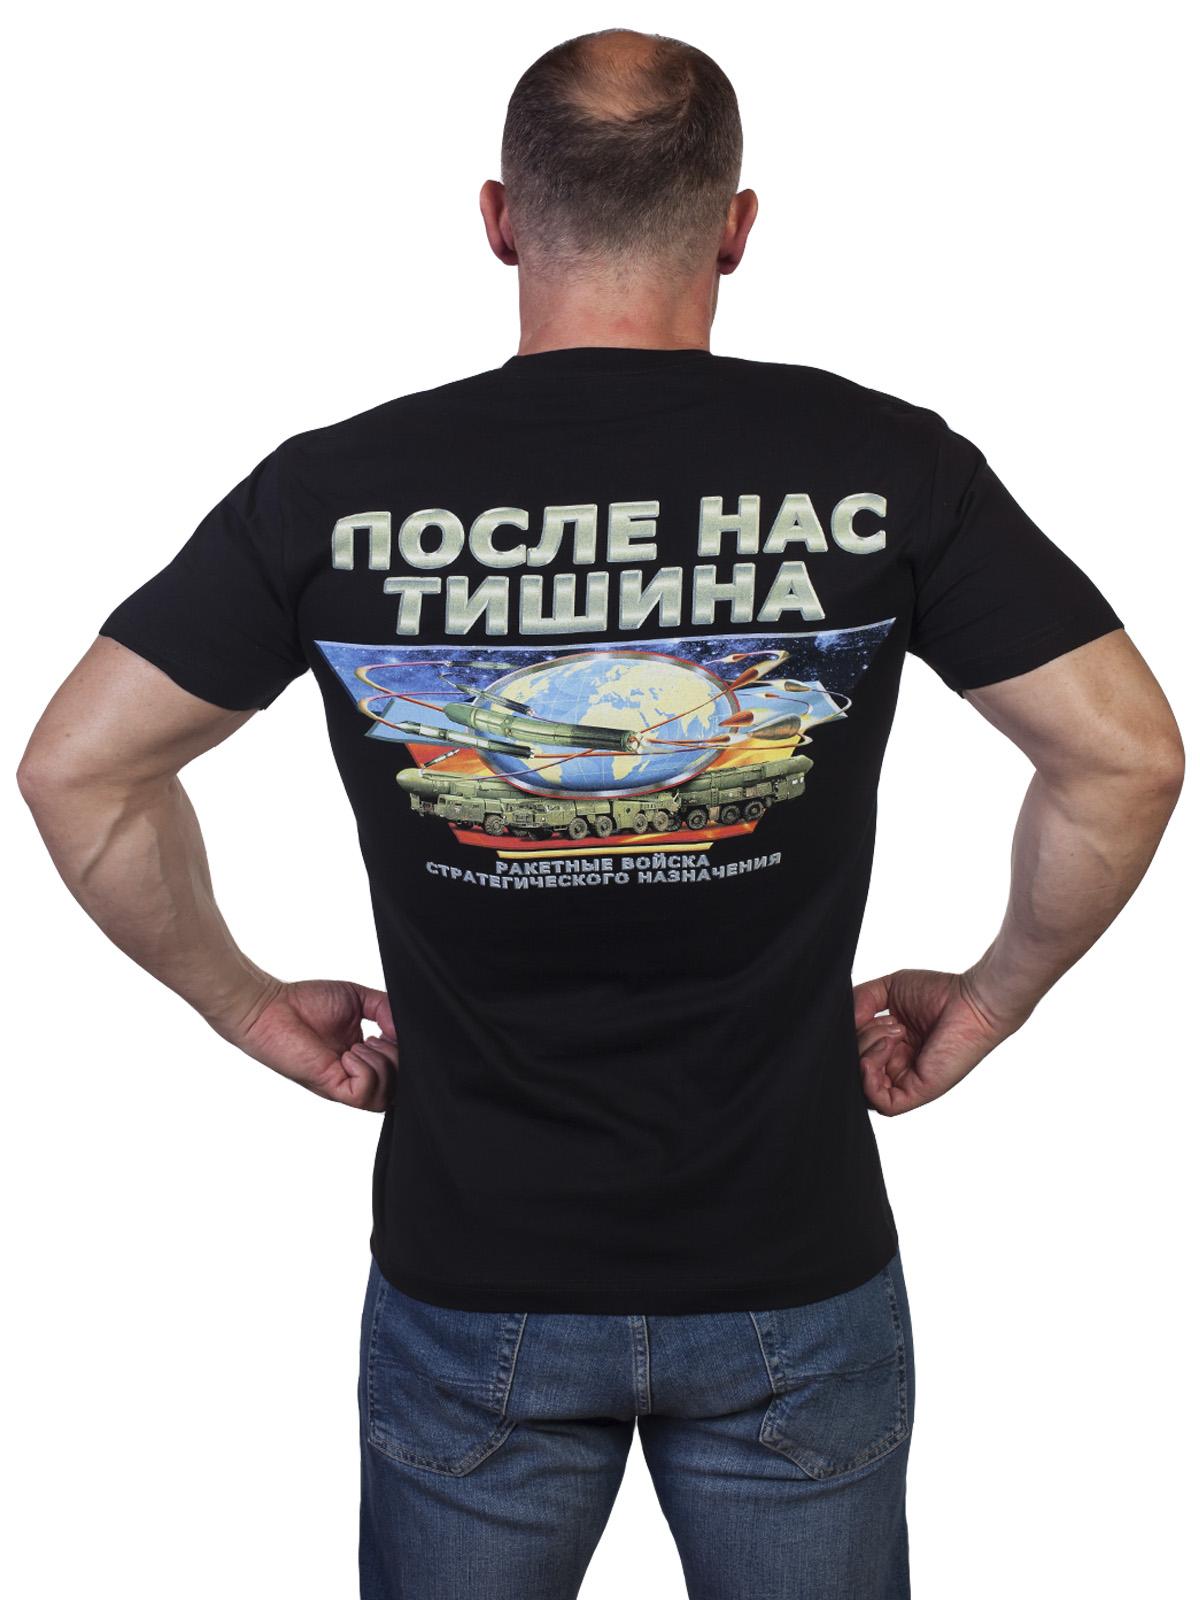 Футболка РВСН - купить по низкой цене - купит оптом